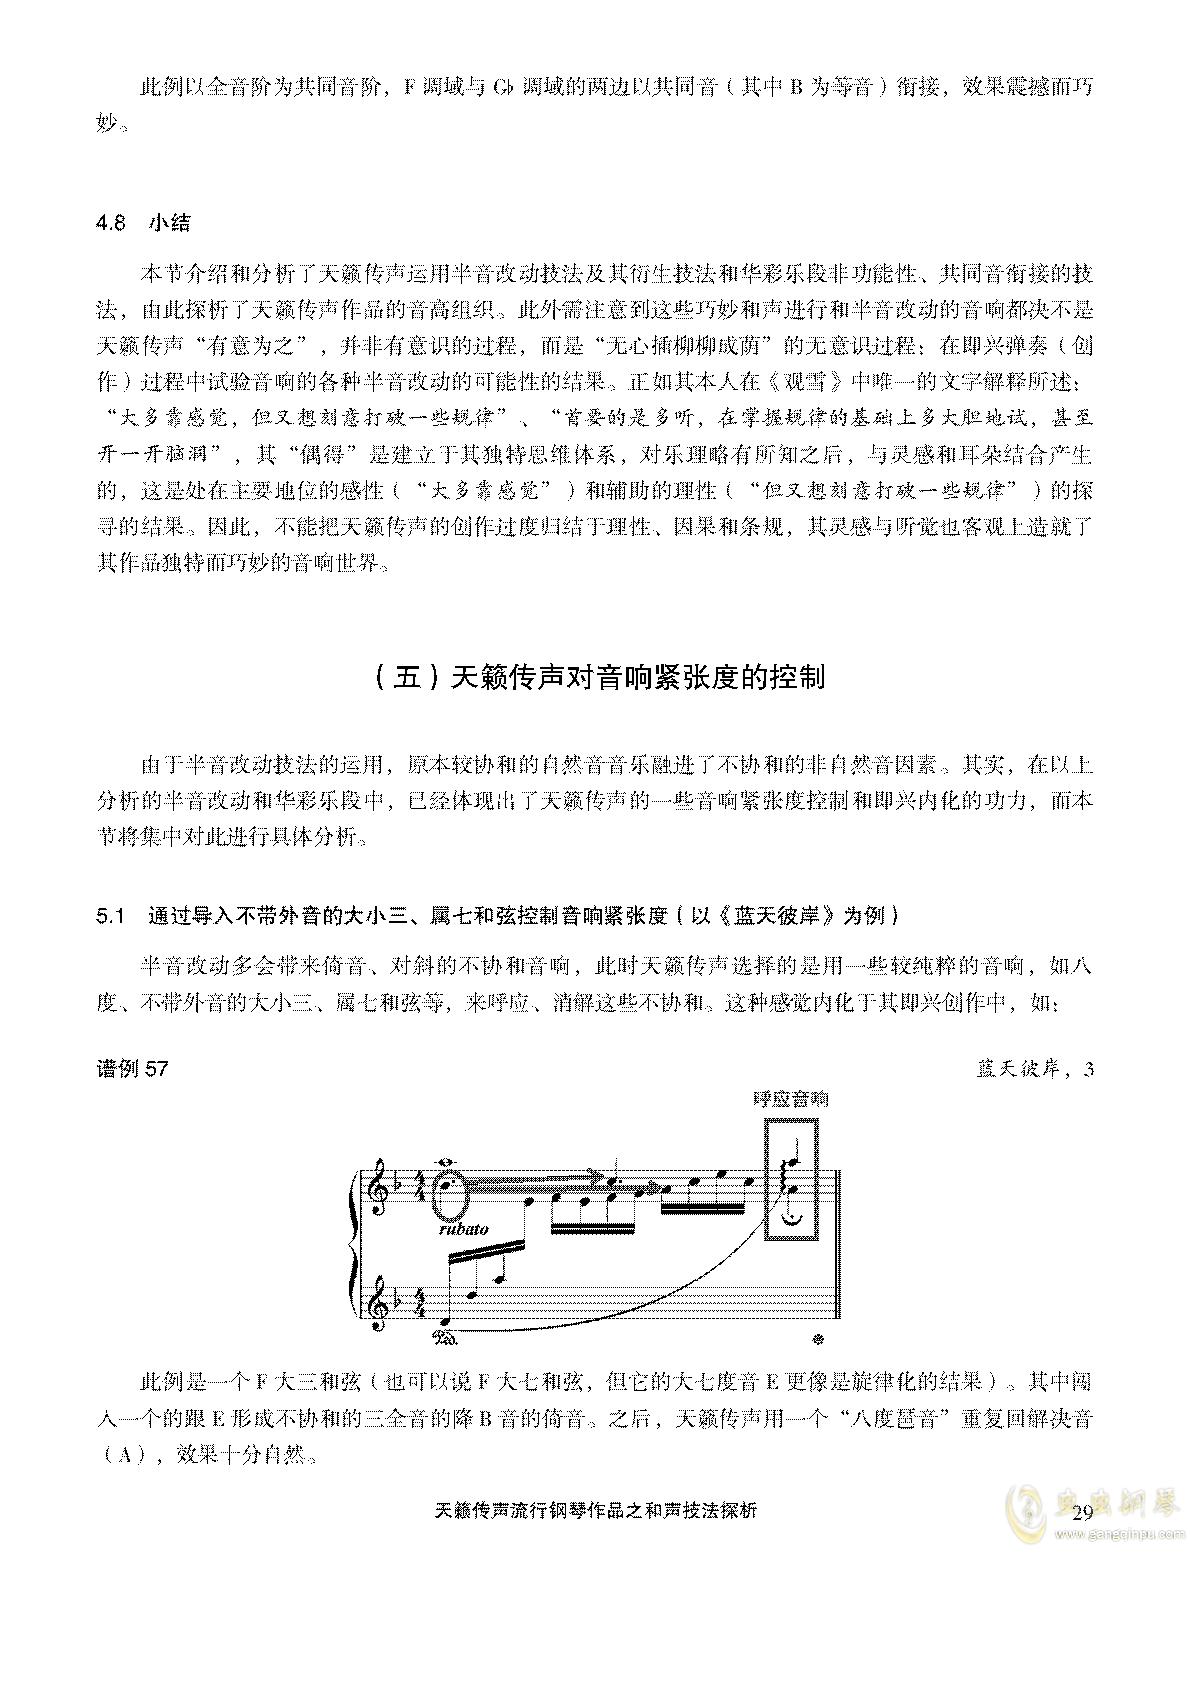 天籁传声和声技法探析澳门星际官网 第29页